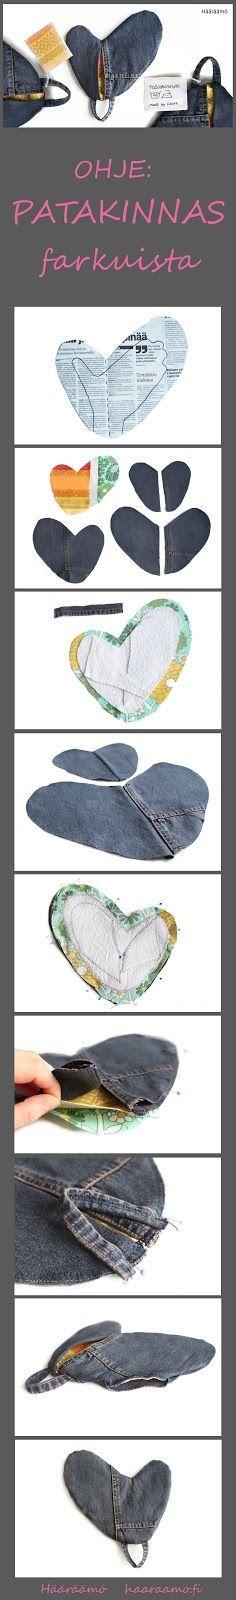 Ompeluohje: Patakinnas farkuista. http://www.haaraamo.fi/